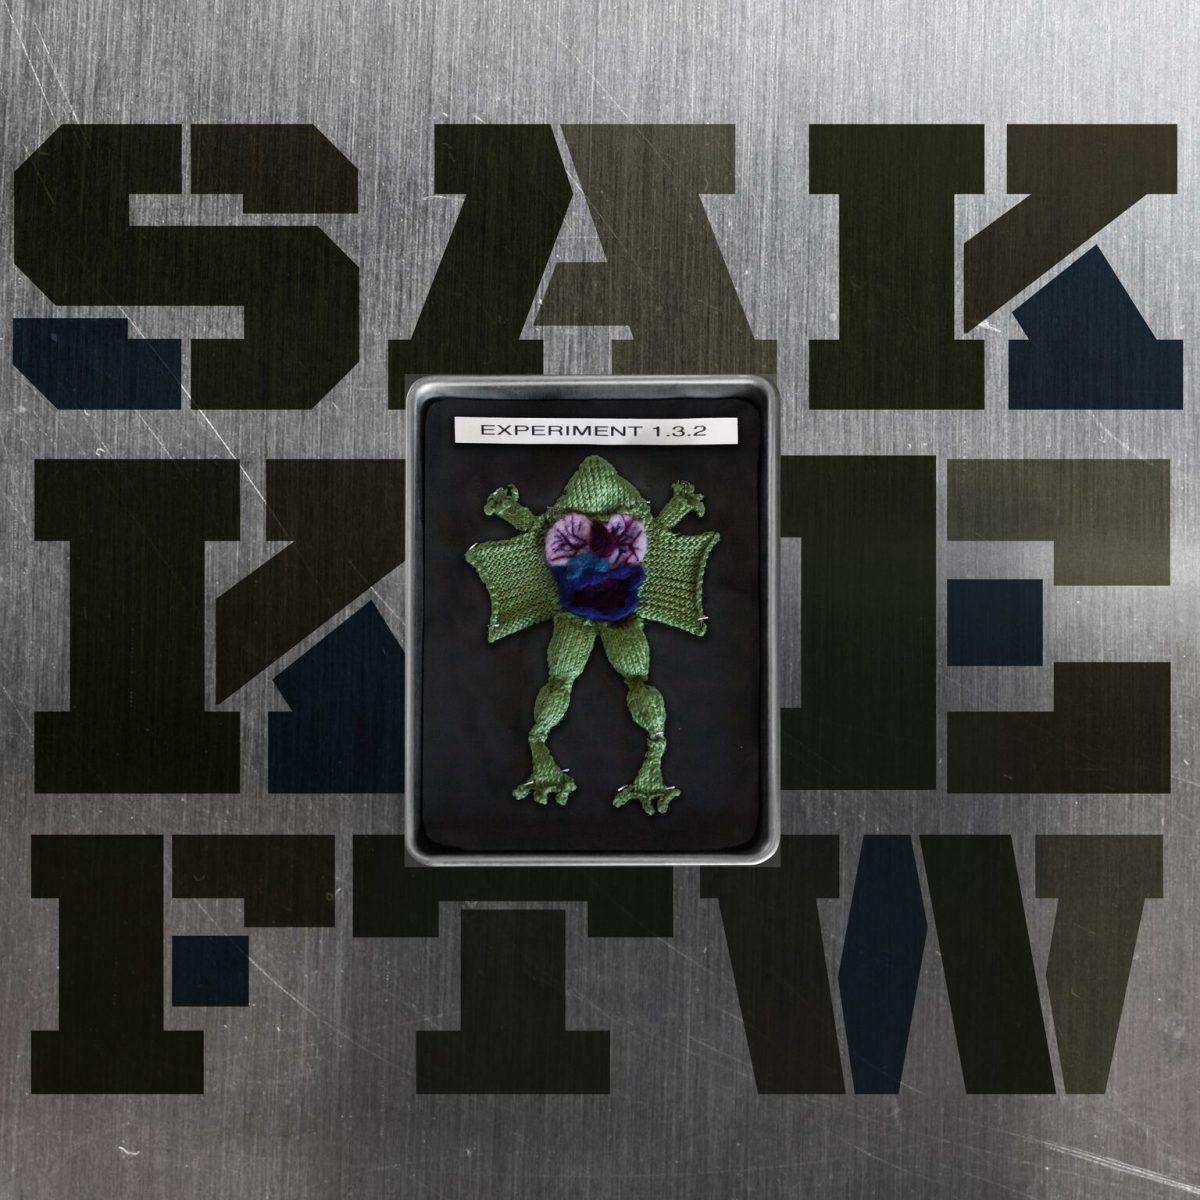 SakkieFTW – Experiment 1.3.2 EP